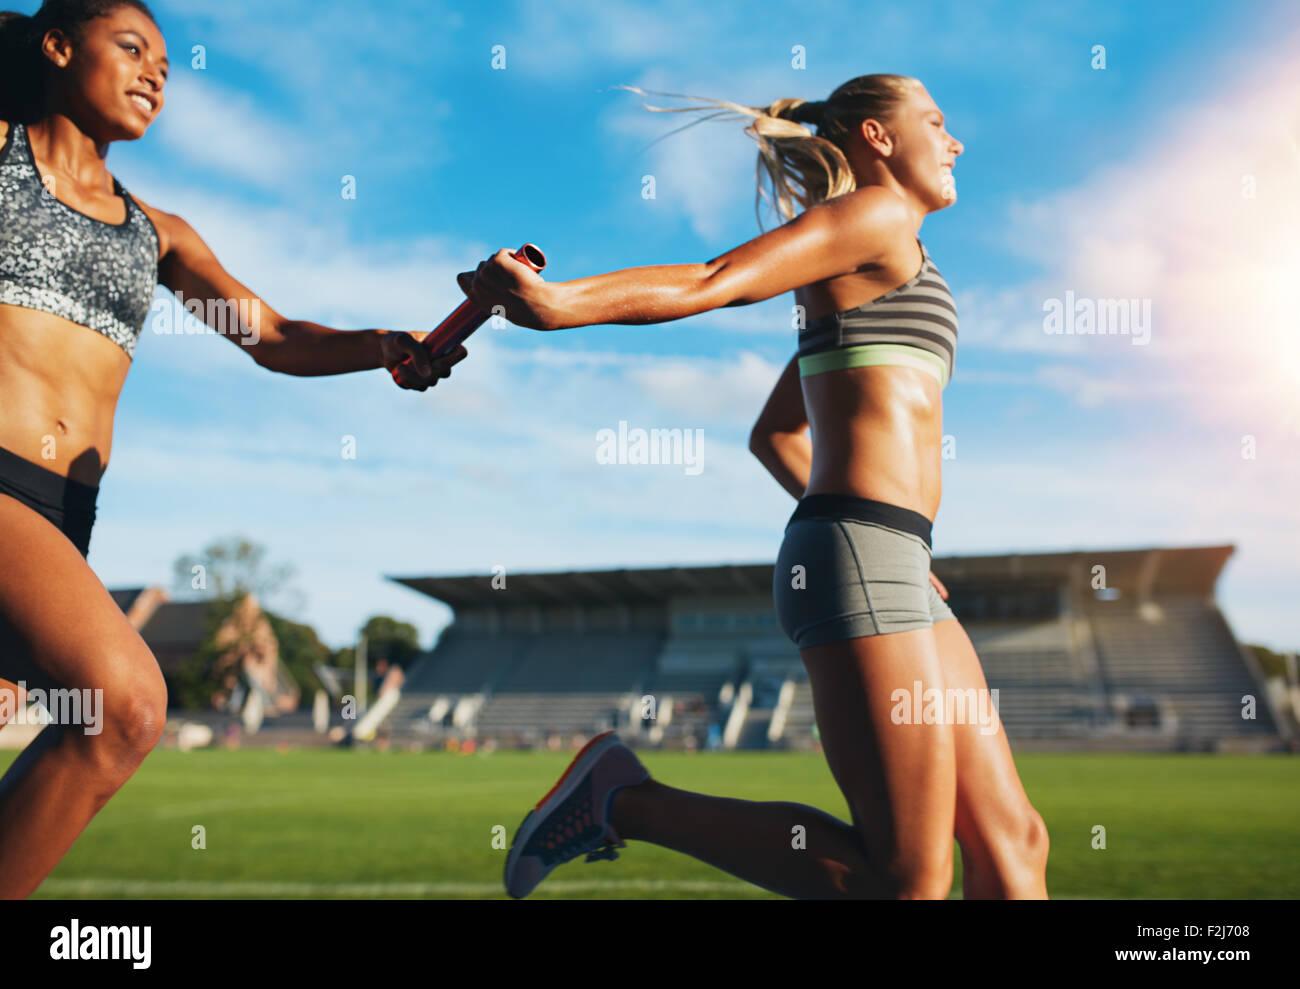 Las mujeres atletas pasando el relevo mientras se ejecuta en la pista. Mujeres jóvenes corren carrera de relevos, Imagen De Stock